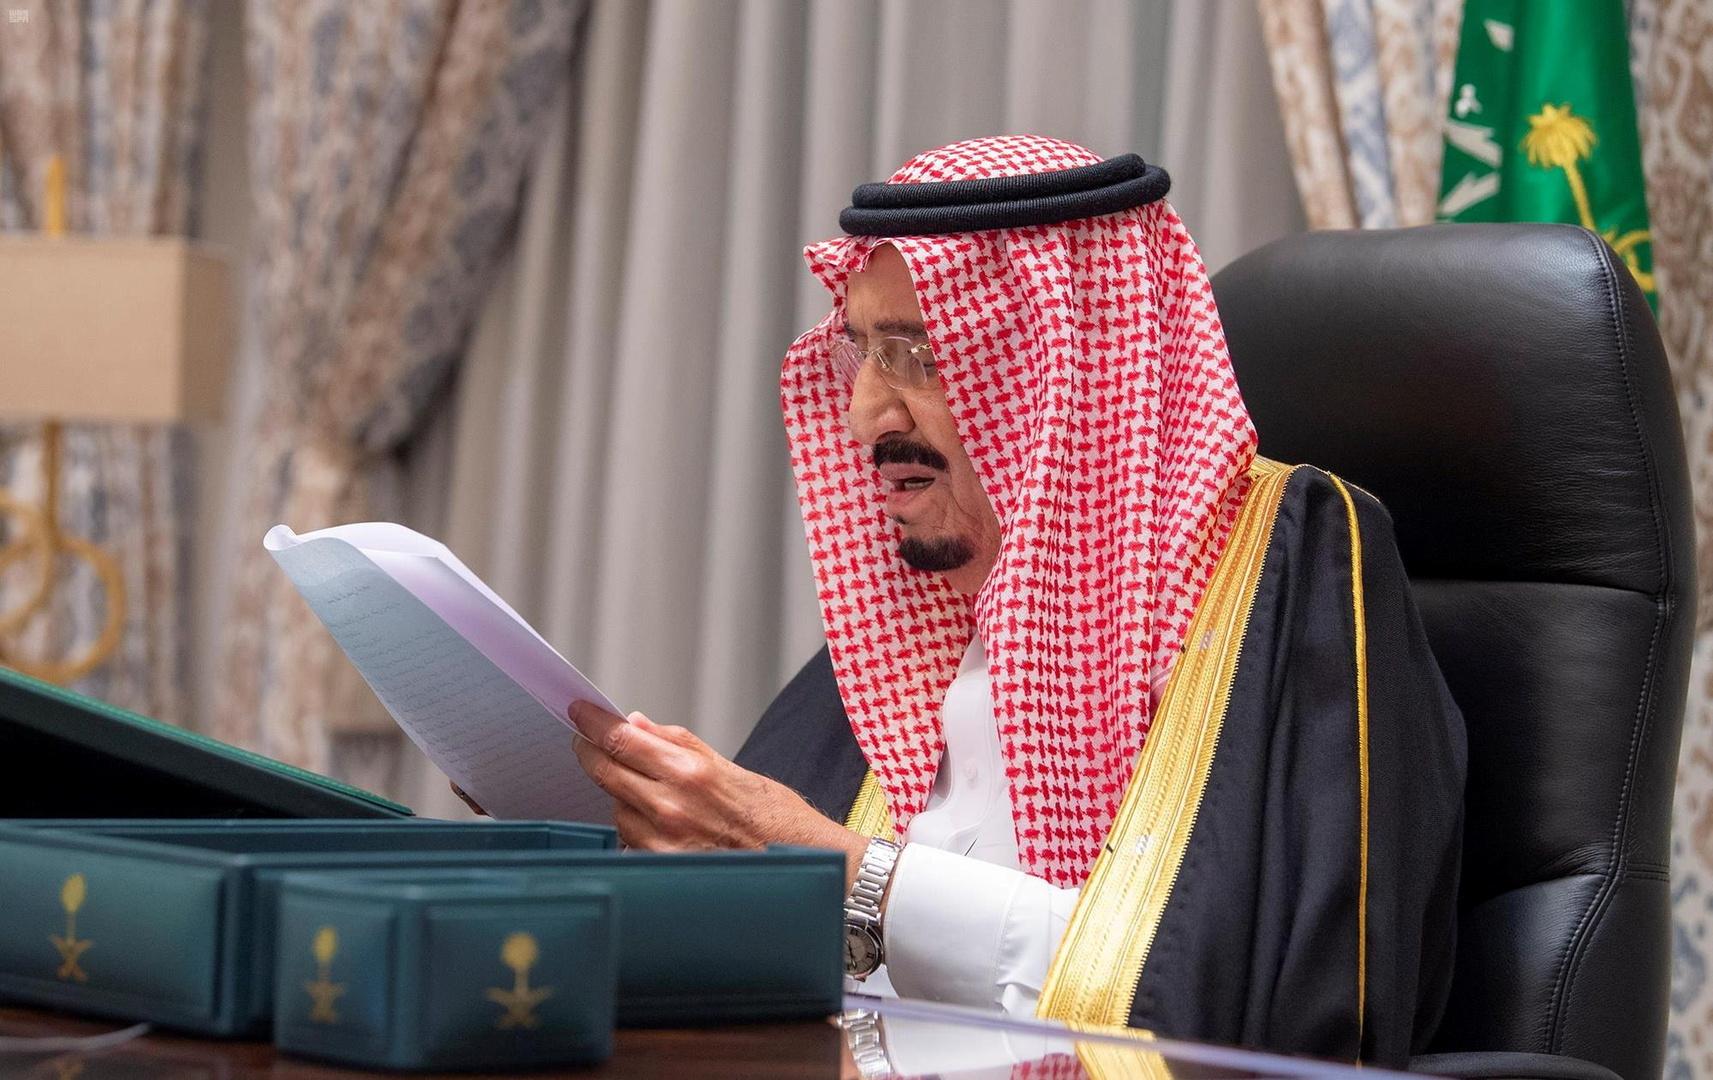 السعودية  تبدأ في تنفيذ إجراءات العفو الملكي للمستفيدين من سجناء الحق العام